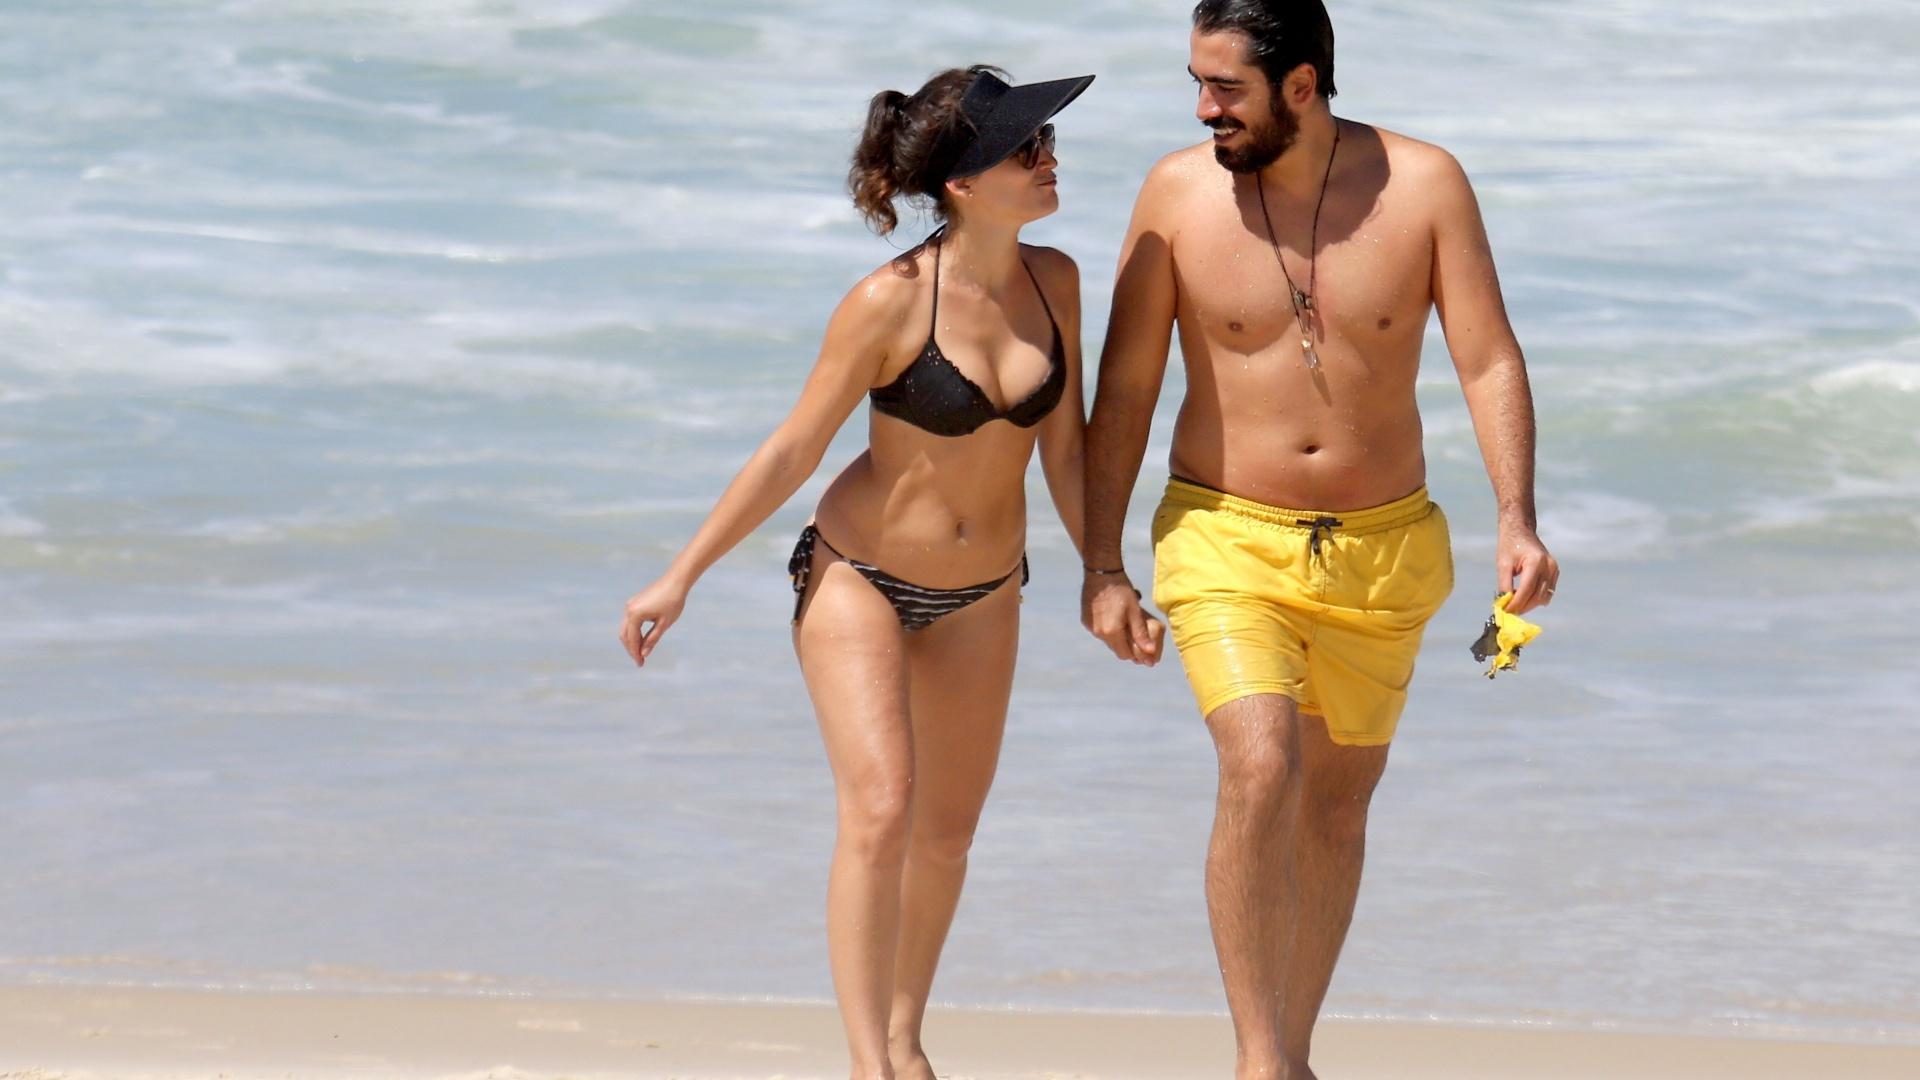 17.mar.2017 - A atriz Bianca Bin foi flagrada aproveitando uma tarde de sol nesta quinta-feira (16) ao lado do marido Pedro Brandão na praia da Barra da Tijuca, no Rio de Janeiro. Após o fim de